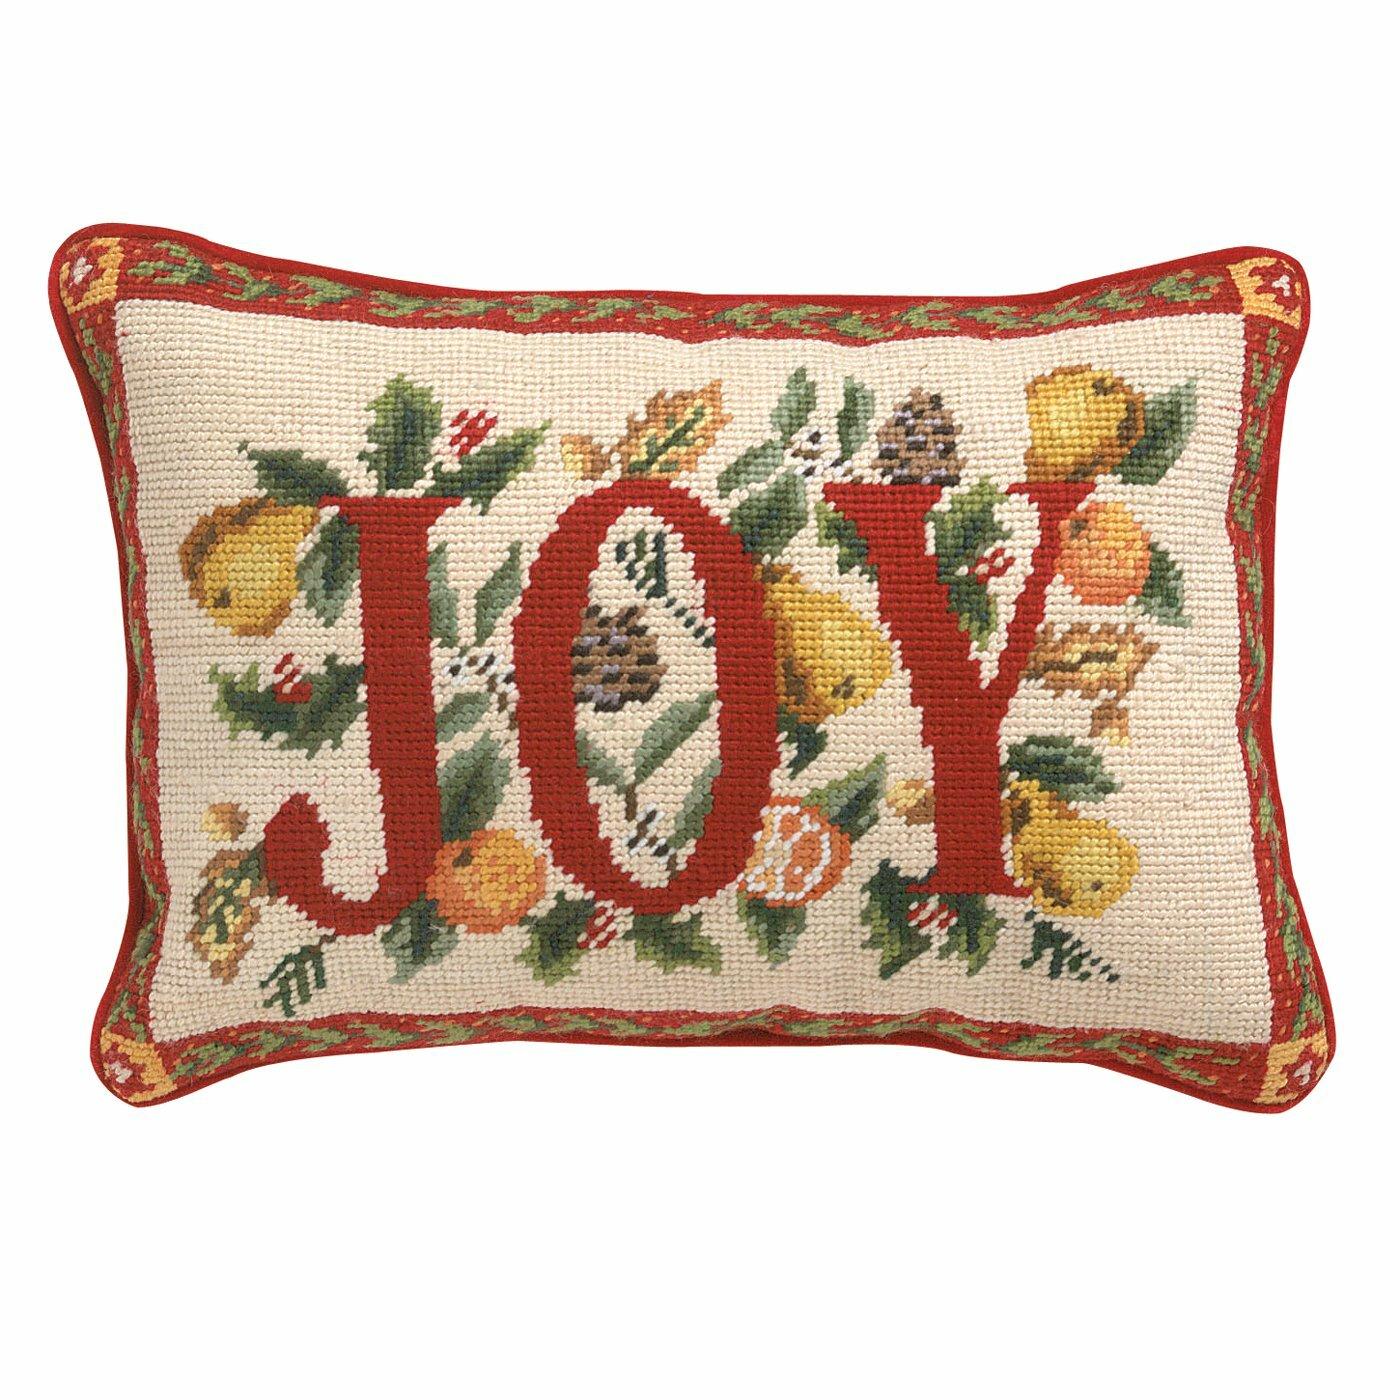 Joy Throw Pillows : Peking Handicraft Joy Throw Pillow & Reviews Wayfair